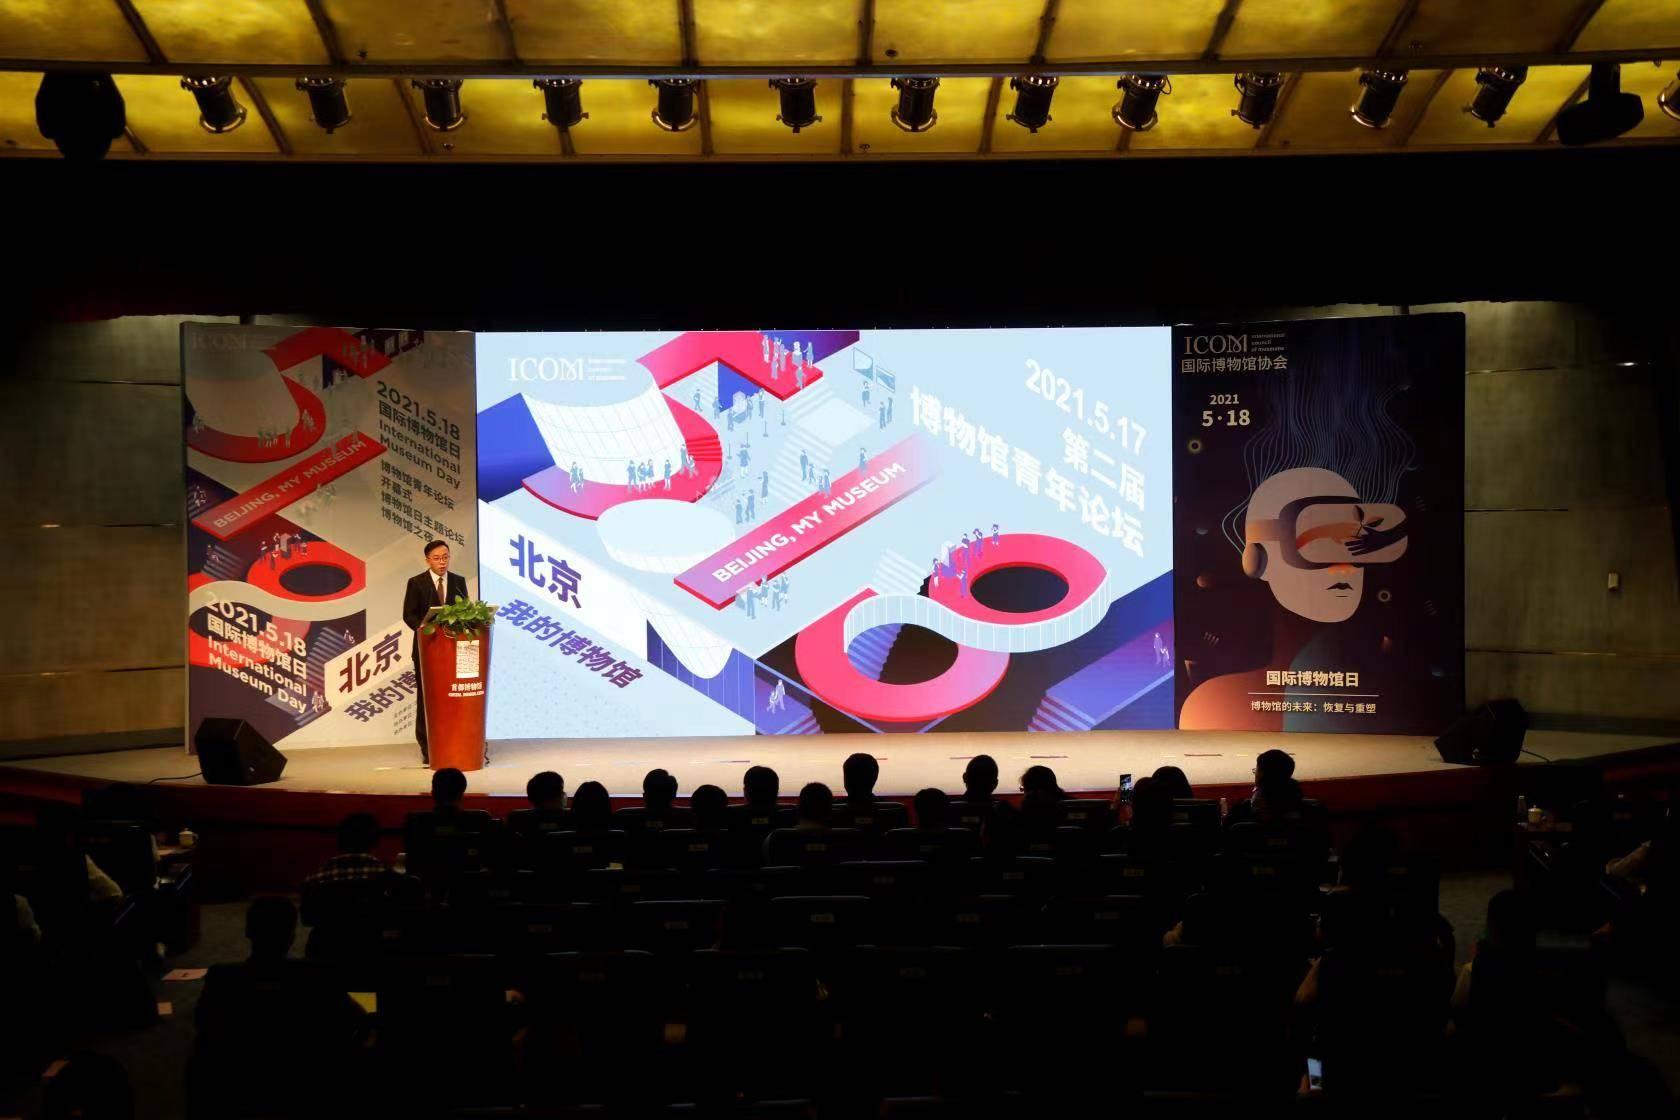 第二届博物馆青年论坛在京召开,各地文博专家齐聚共谈使命和担当